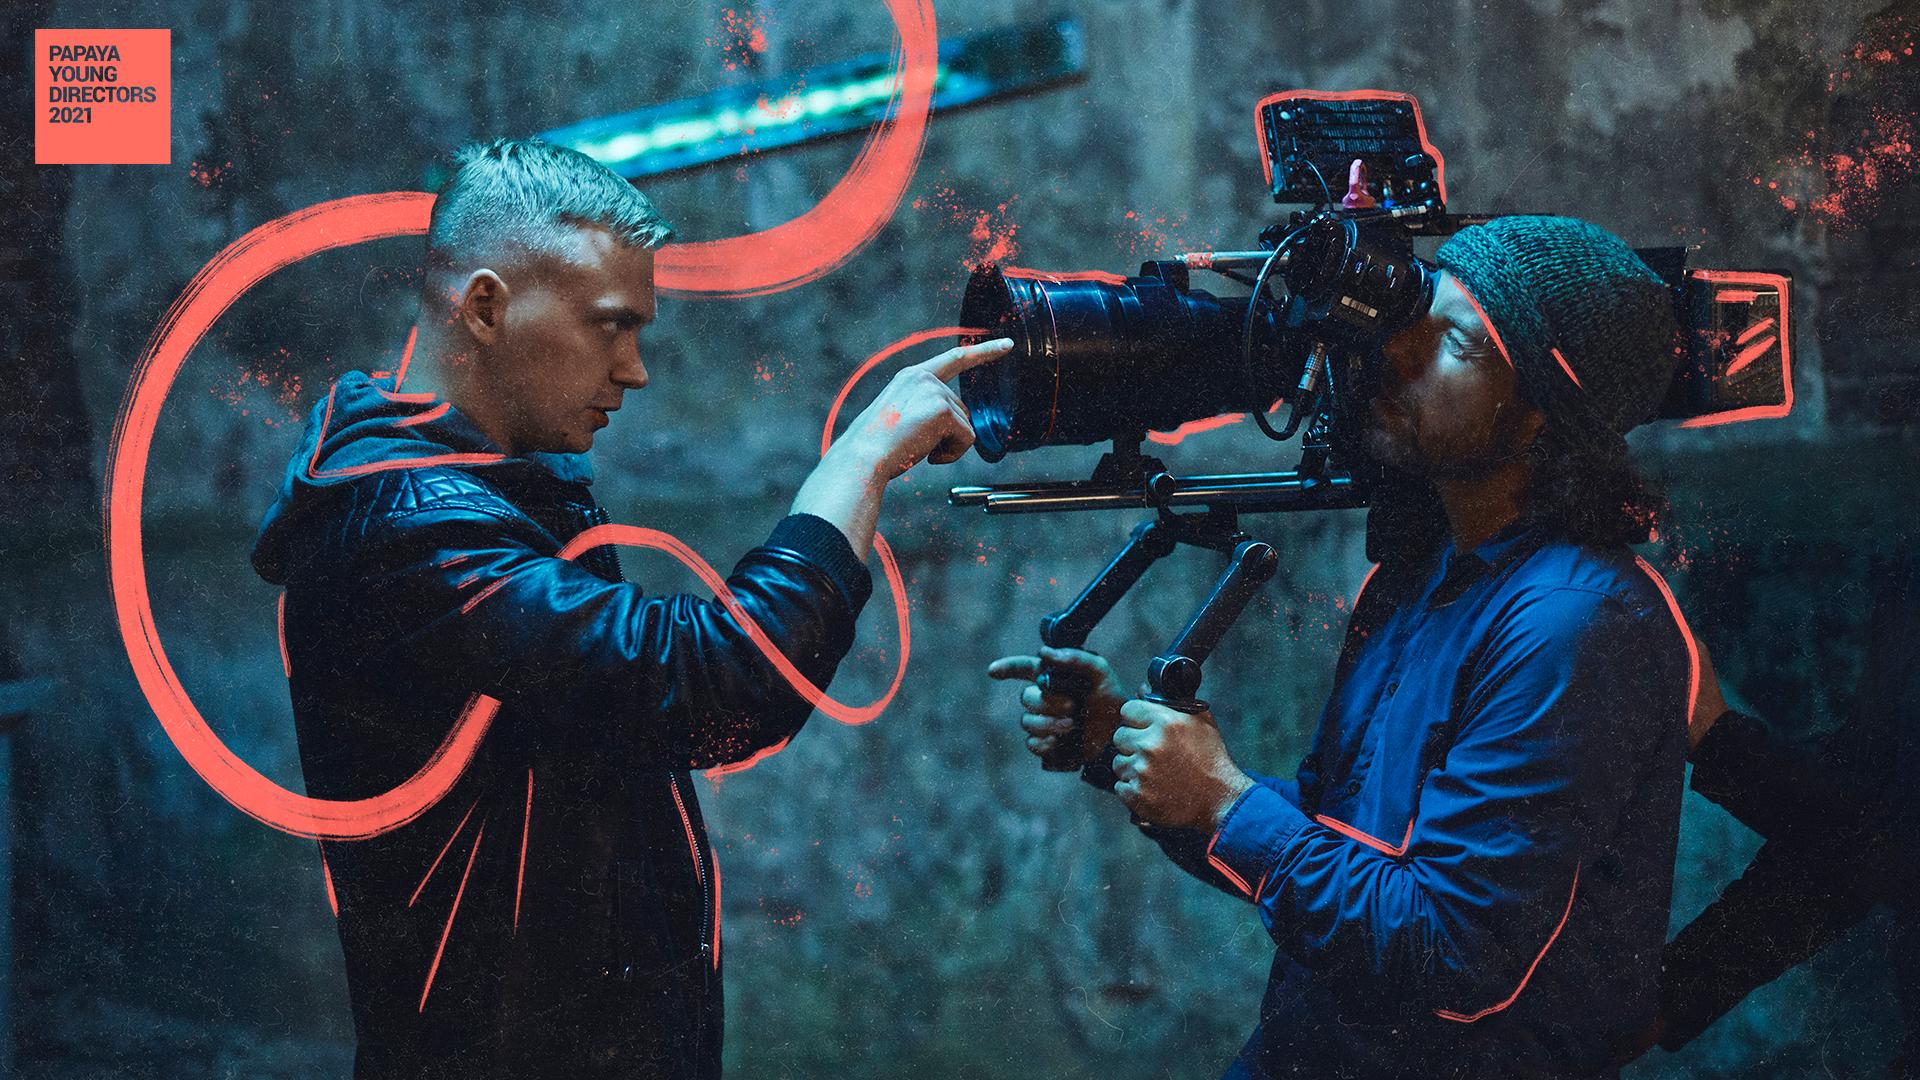 Samsung zachęca do kreatywności w ramach 8. edycji konkursu Papaya Young Directors